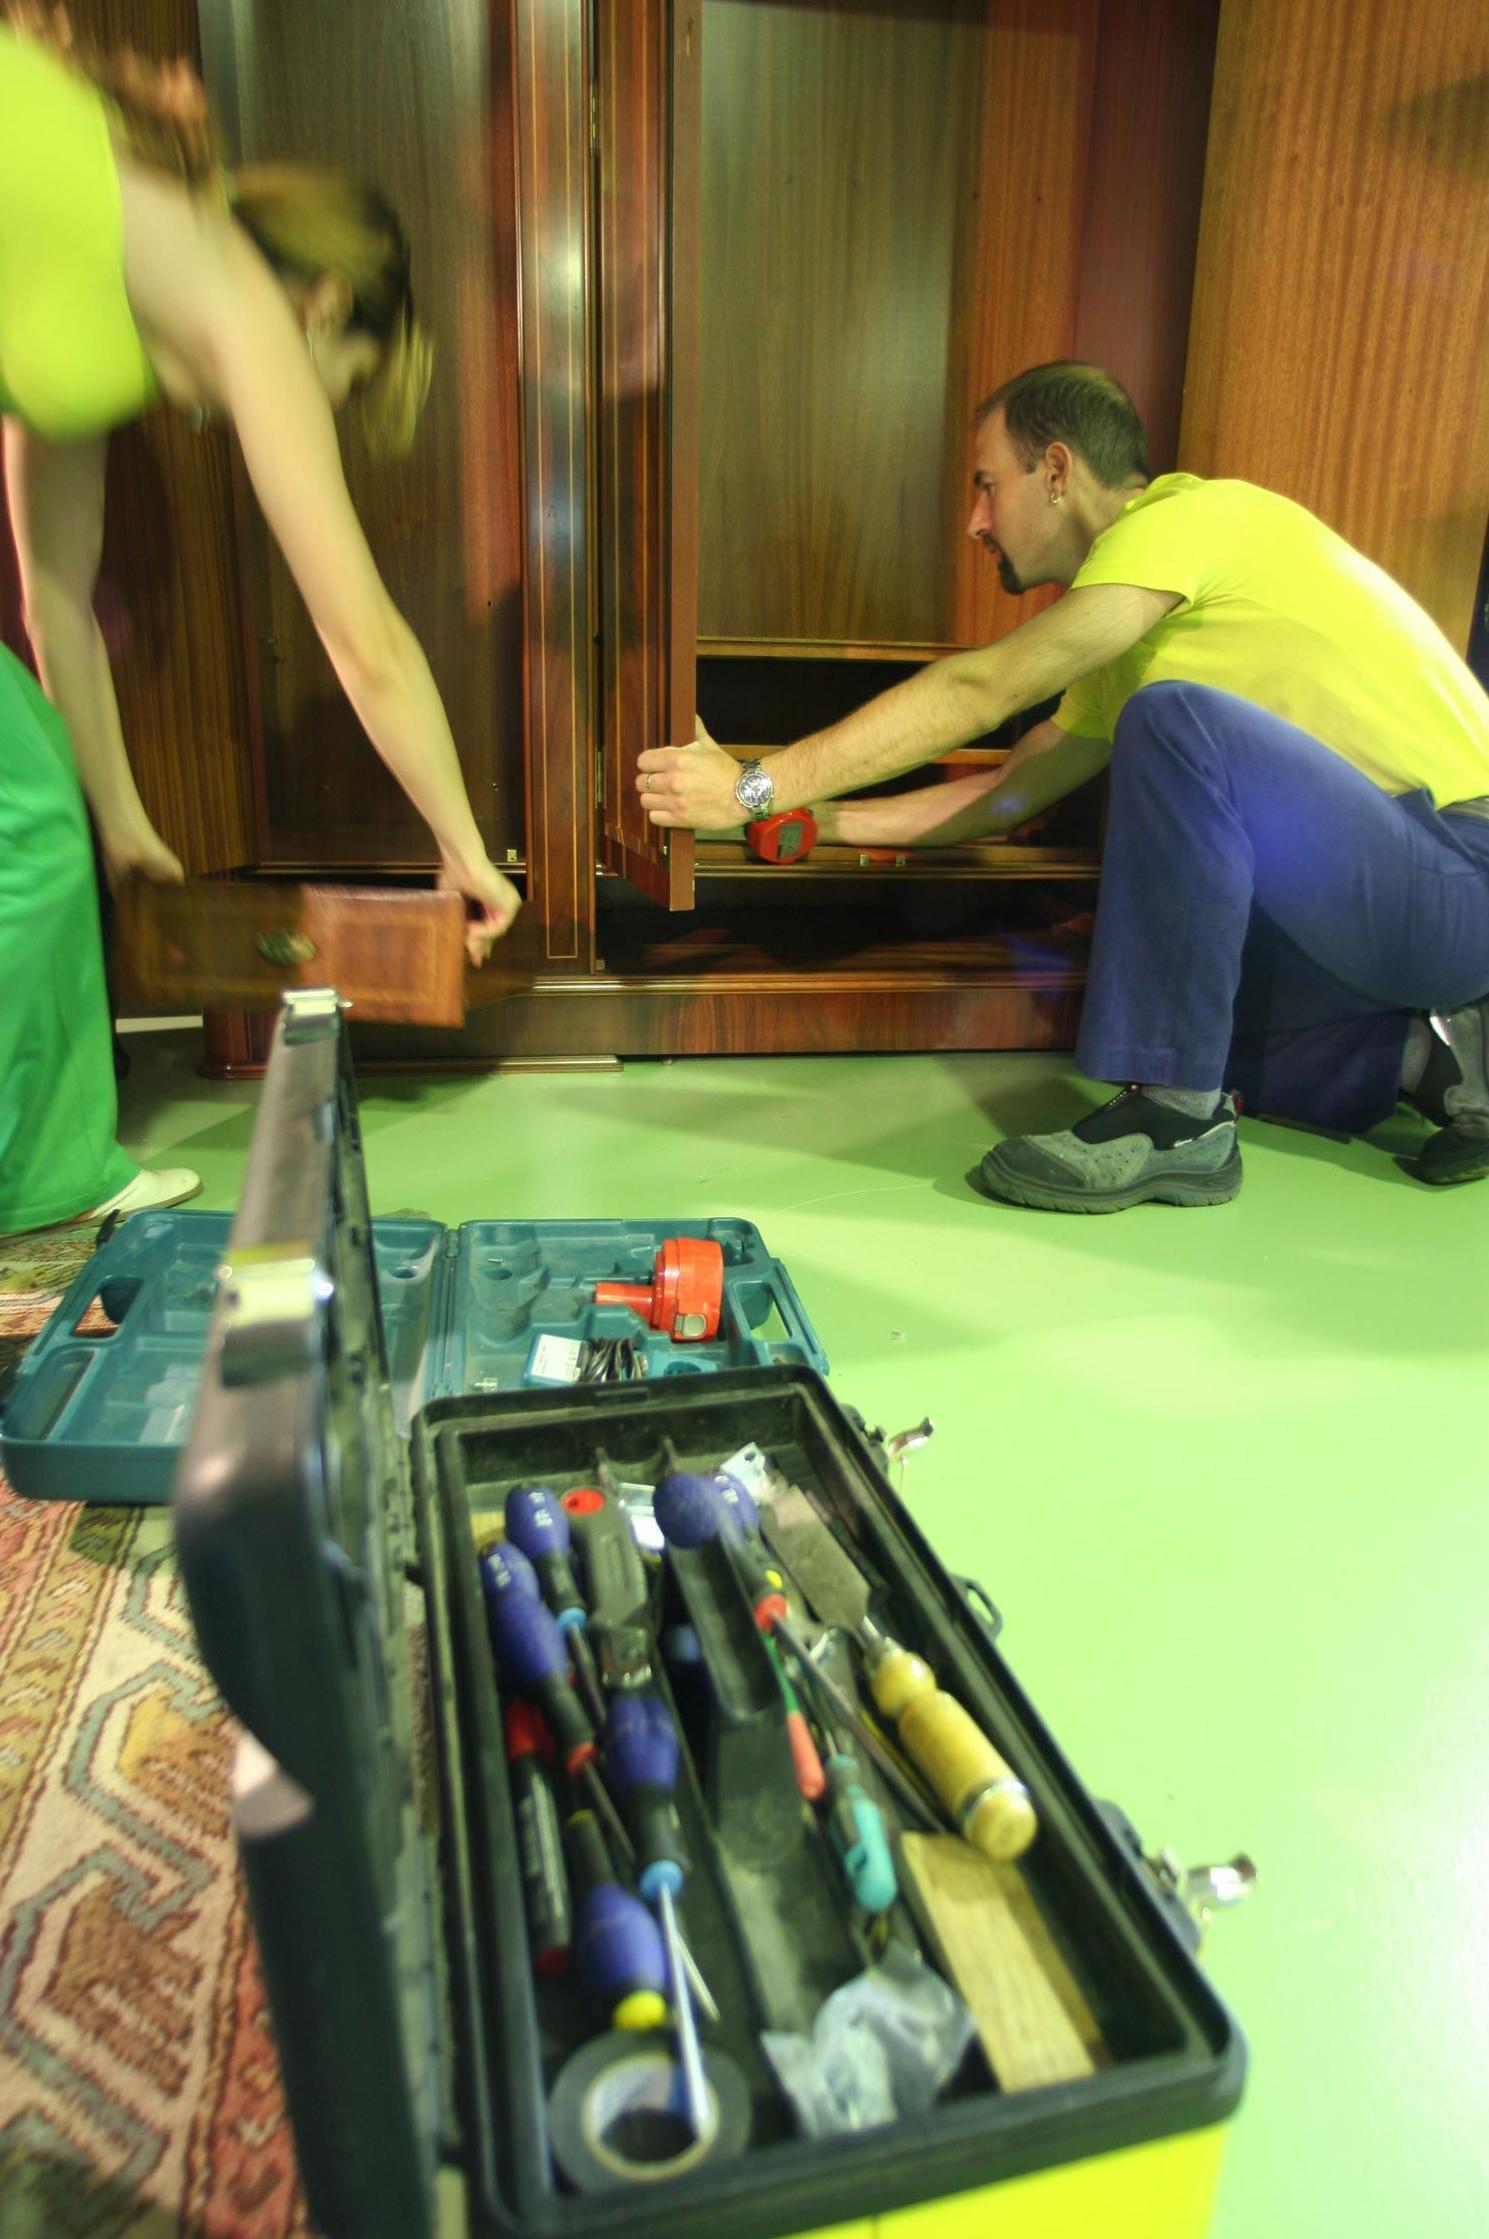 Montaje y desmontaje de muebles para la mudanza